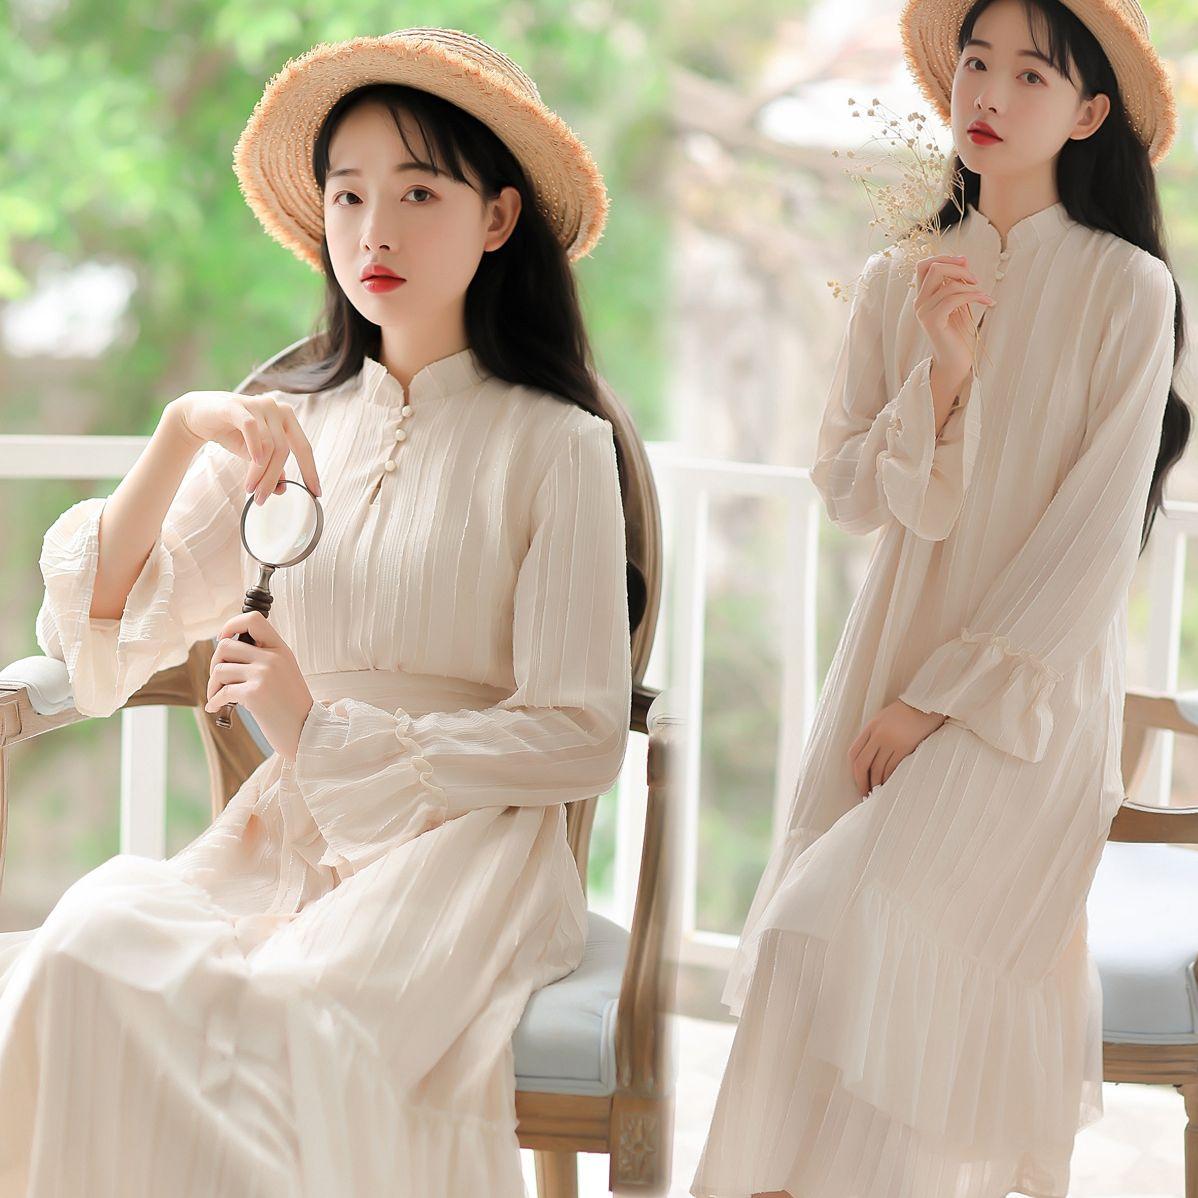 64ac7cbbccd7e チャイナ風ワンピース チュニック ドレス 唐装 漢服 チャイナ風服 レディースファション 民族風 可愛い レトロ